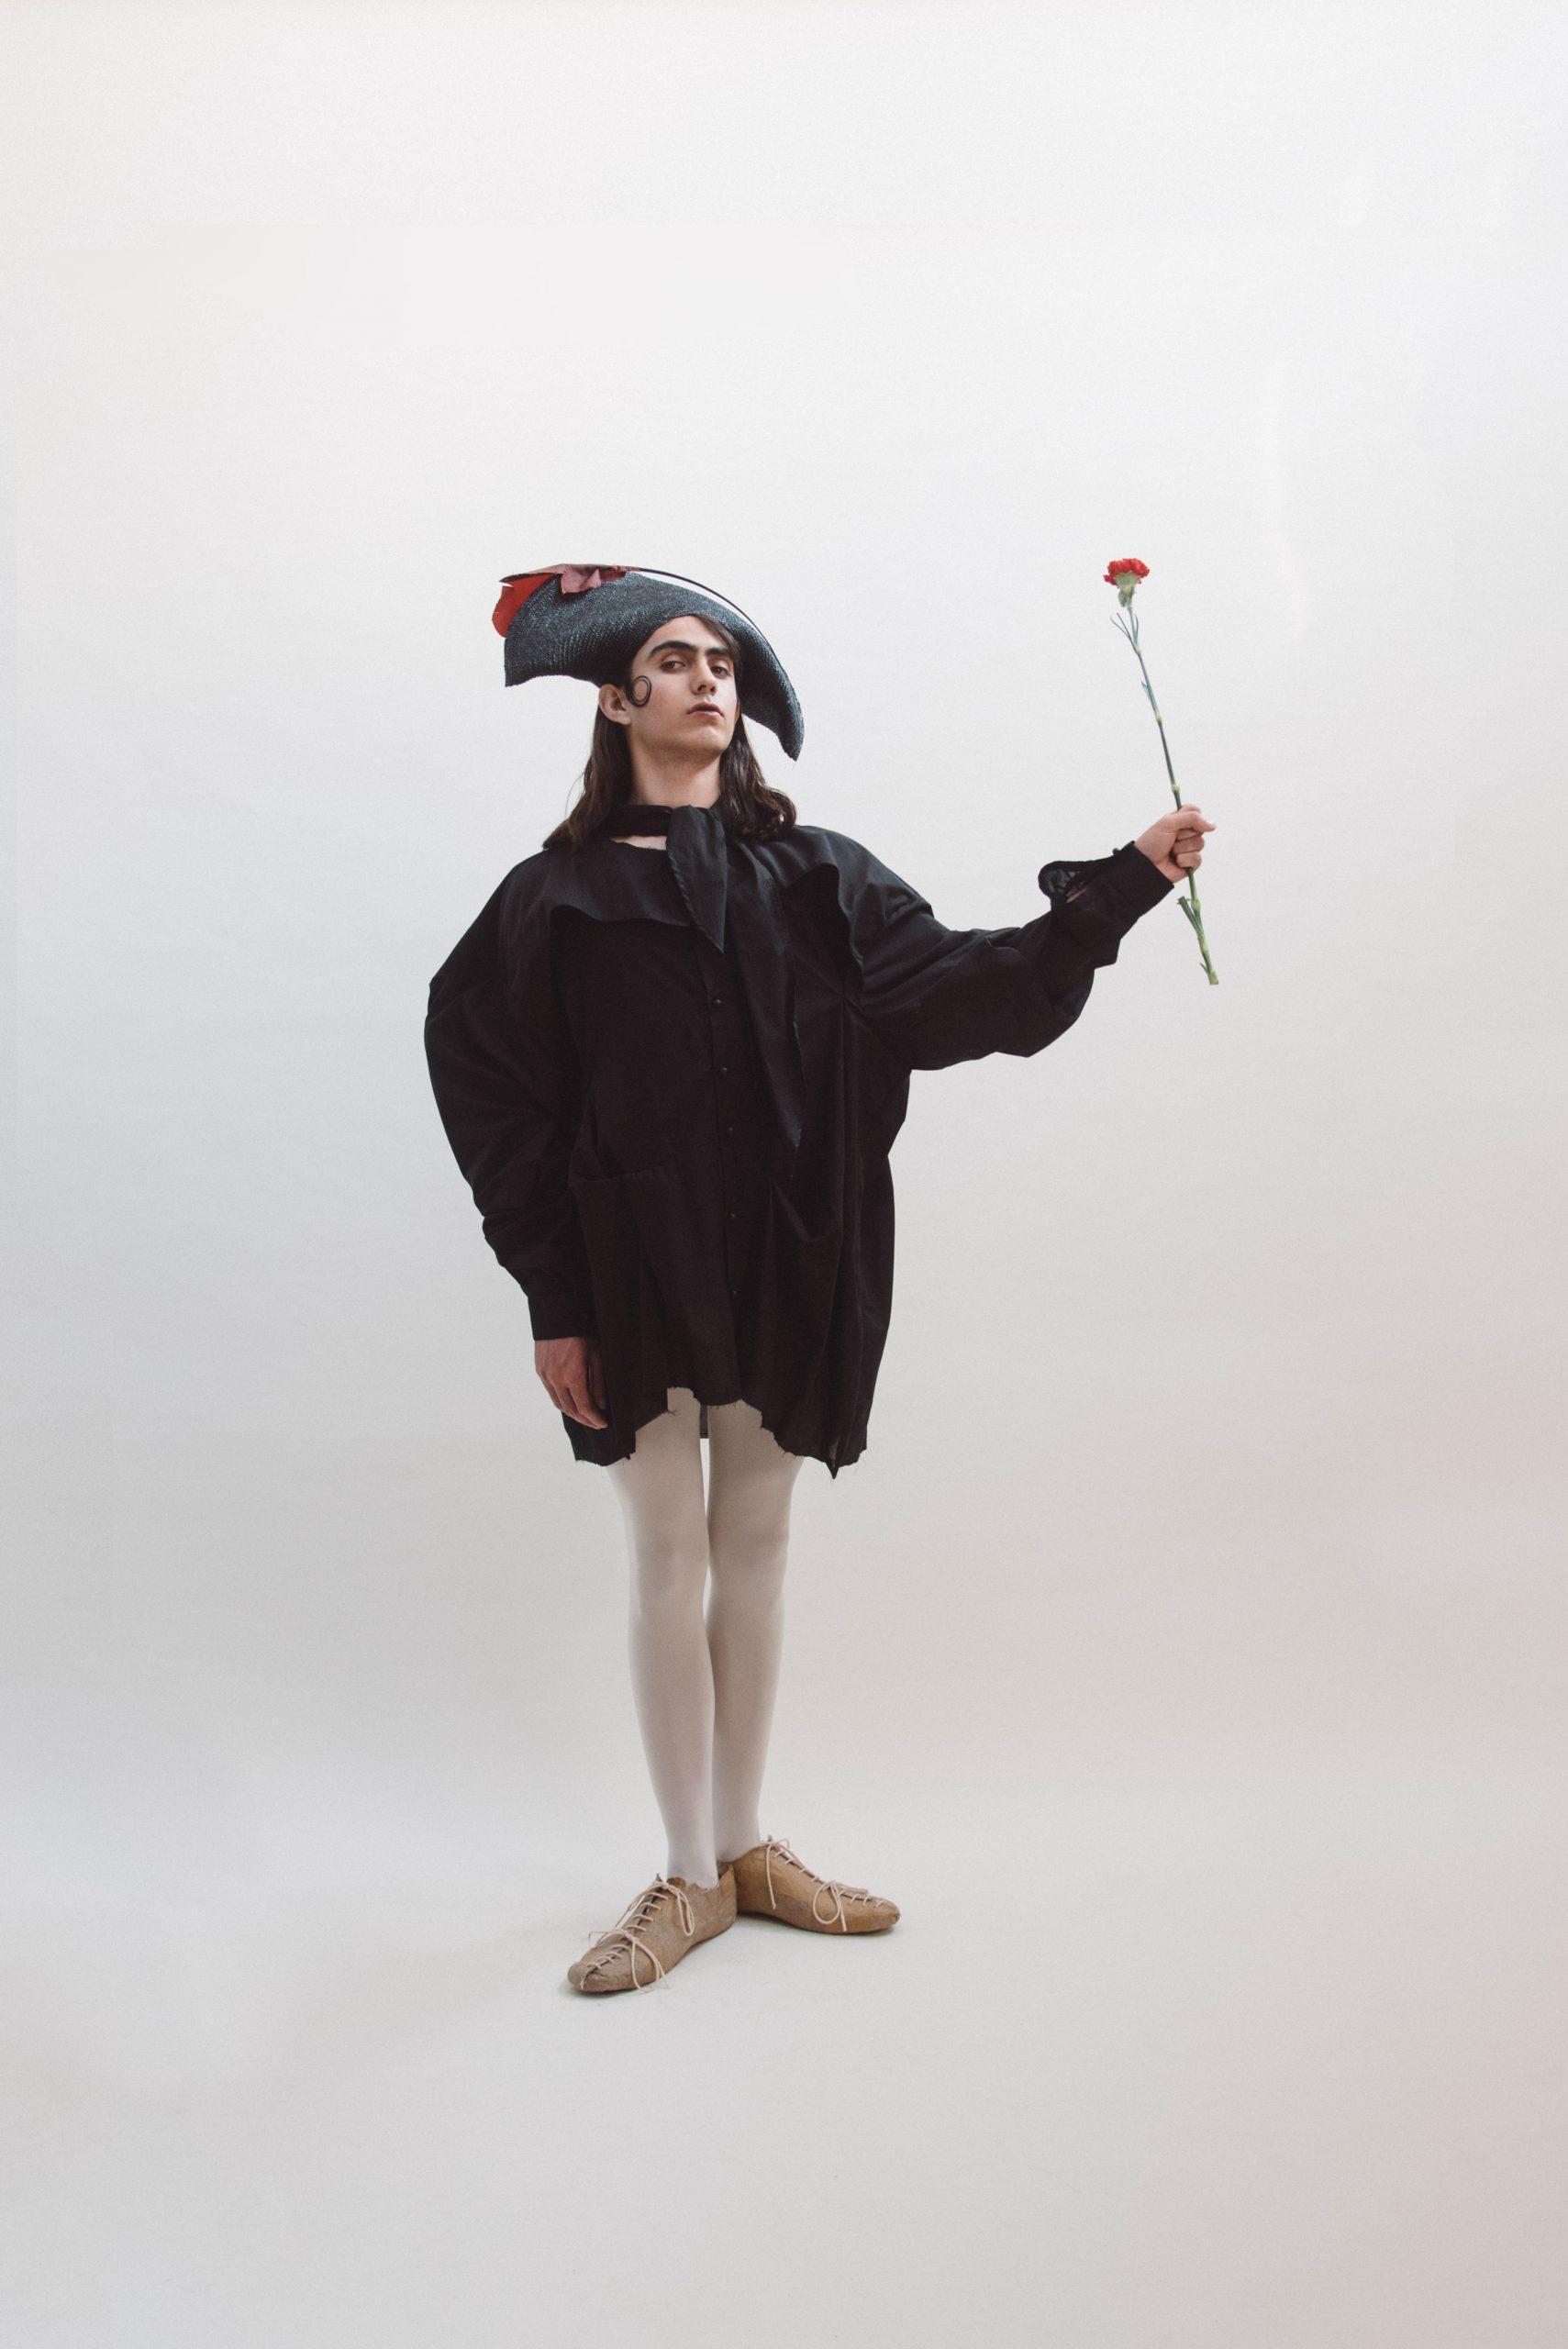 De Ubieta Calzado especultativo para Tíscar Espadas 2